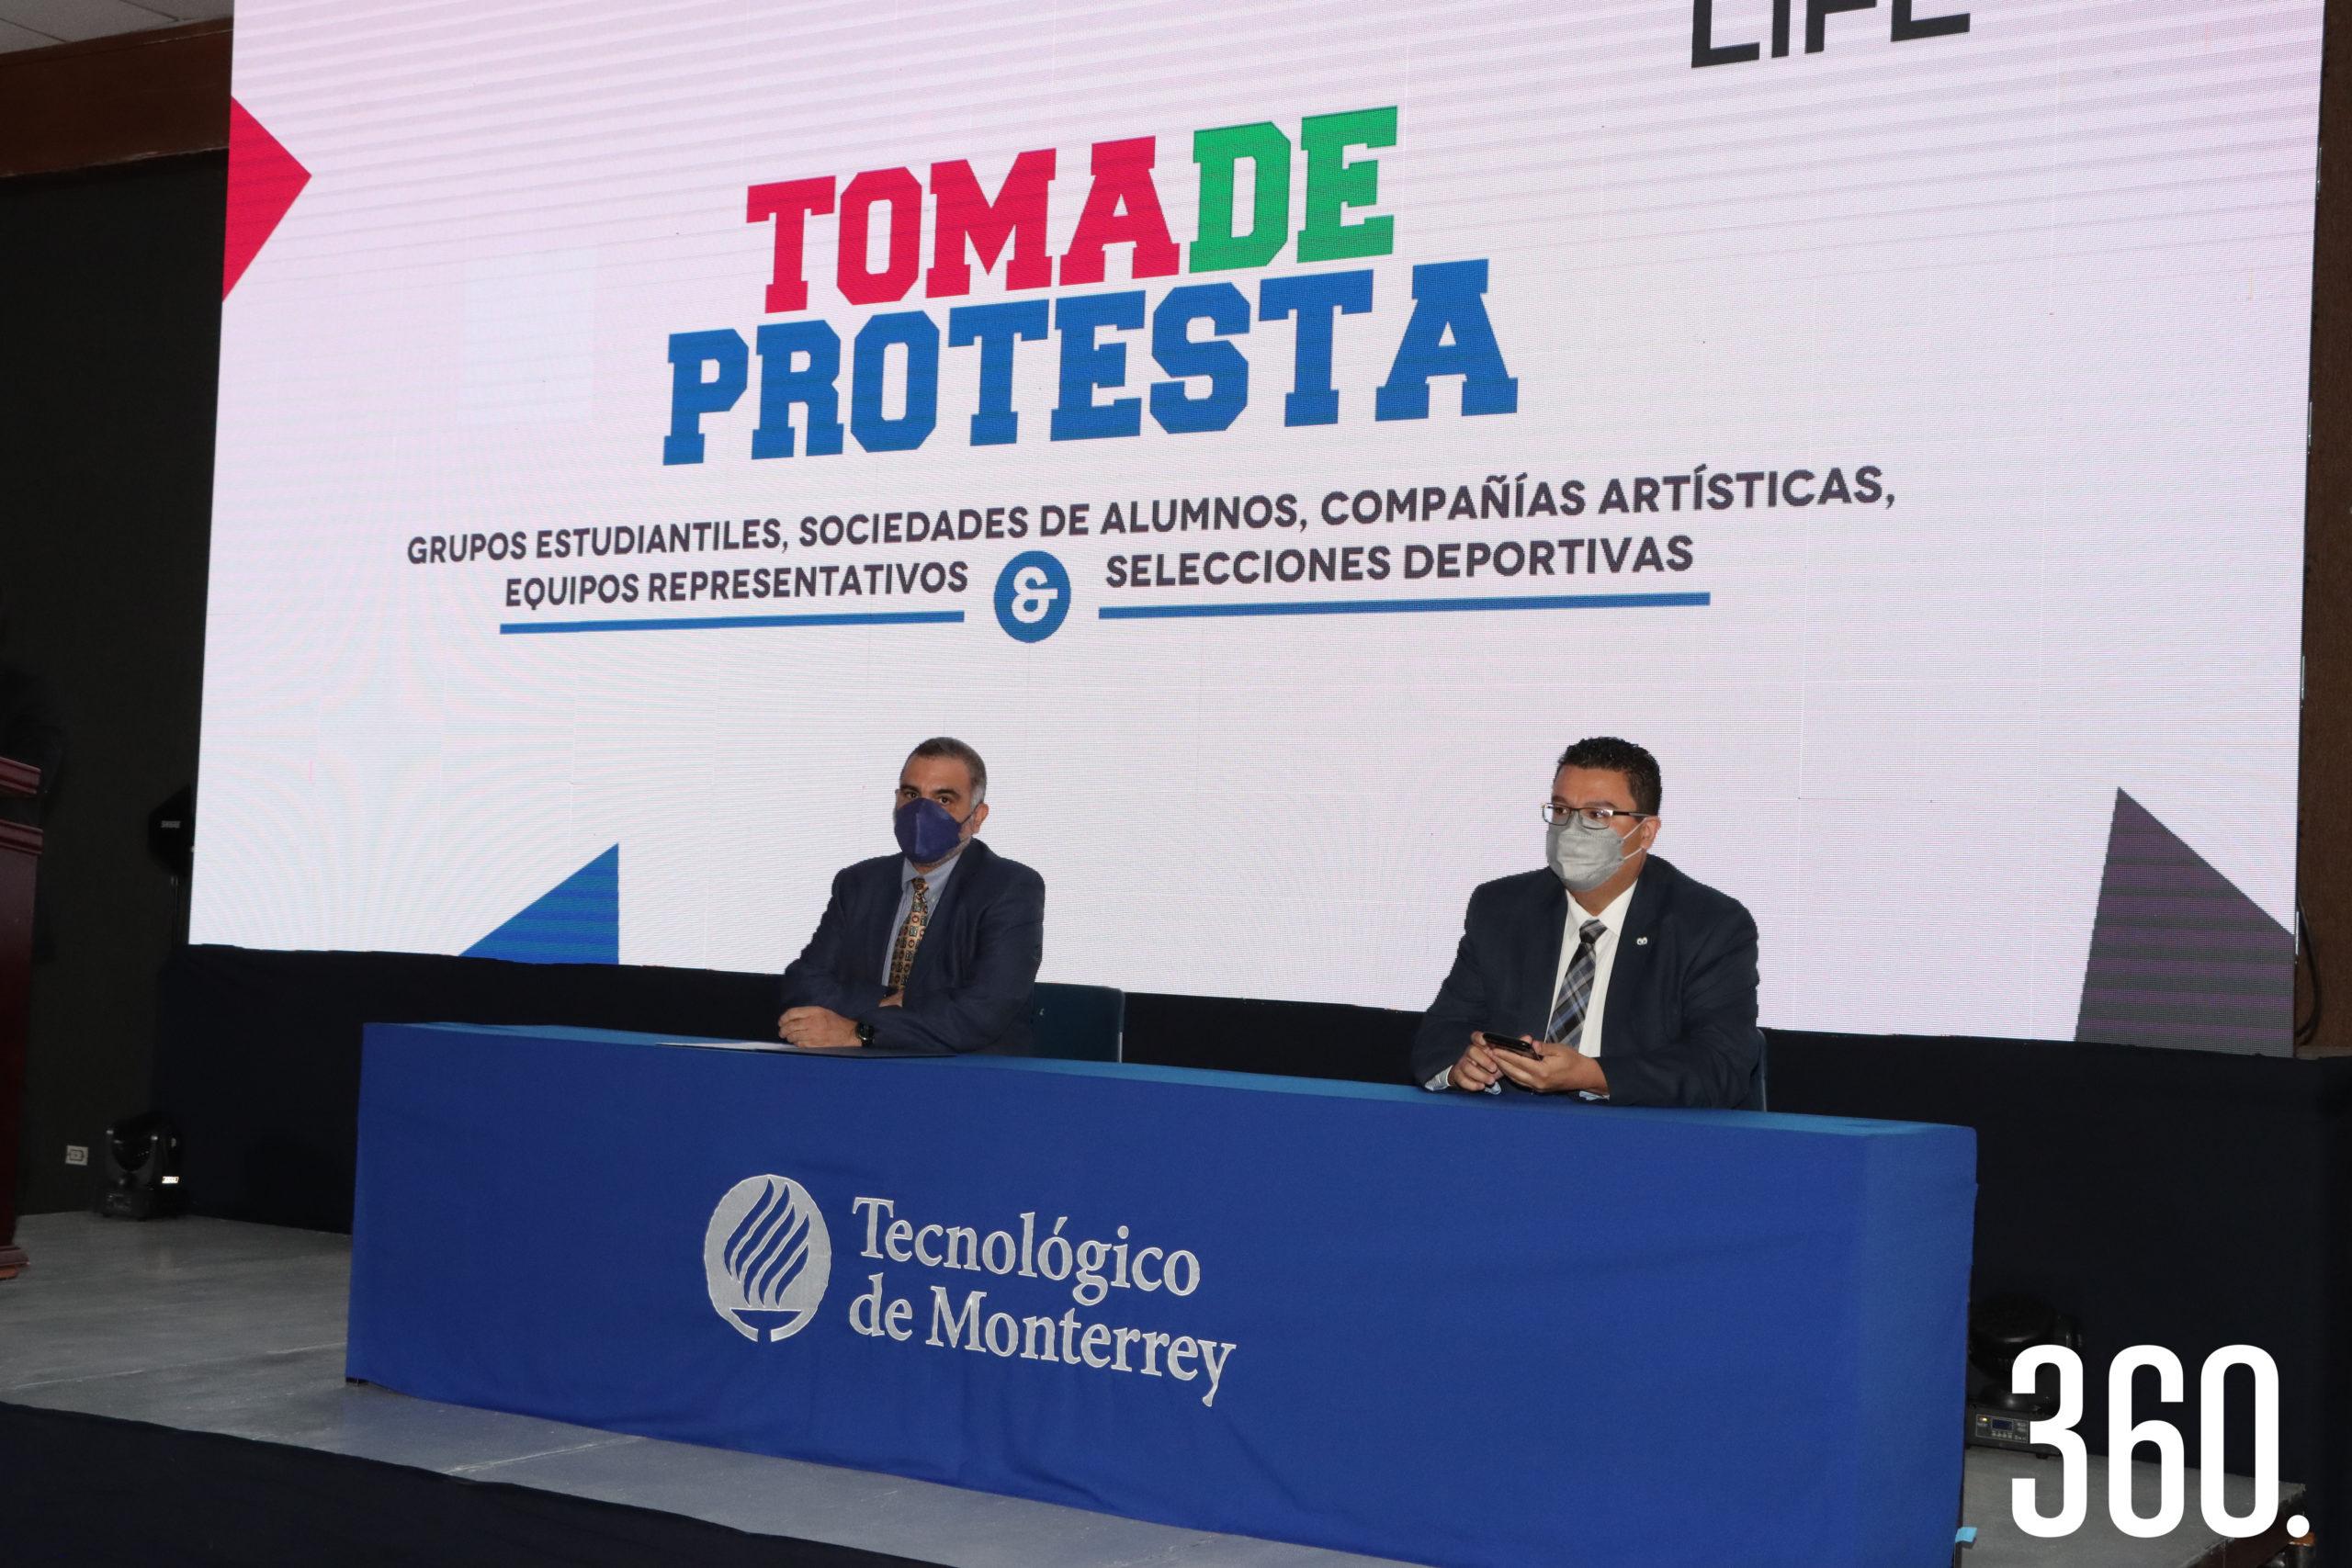 Gilberto Armienta, director general del campus Saltillo; y David Perales Ruiz de Esparza, director de Liderazgo y Formación Estudiantil presidieron la Toma de Protesta a las las asociaciones estudiantiles, compañías y equipos representativos.